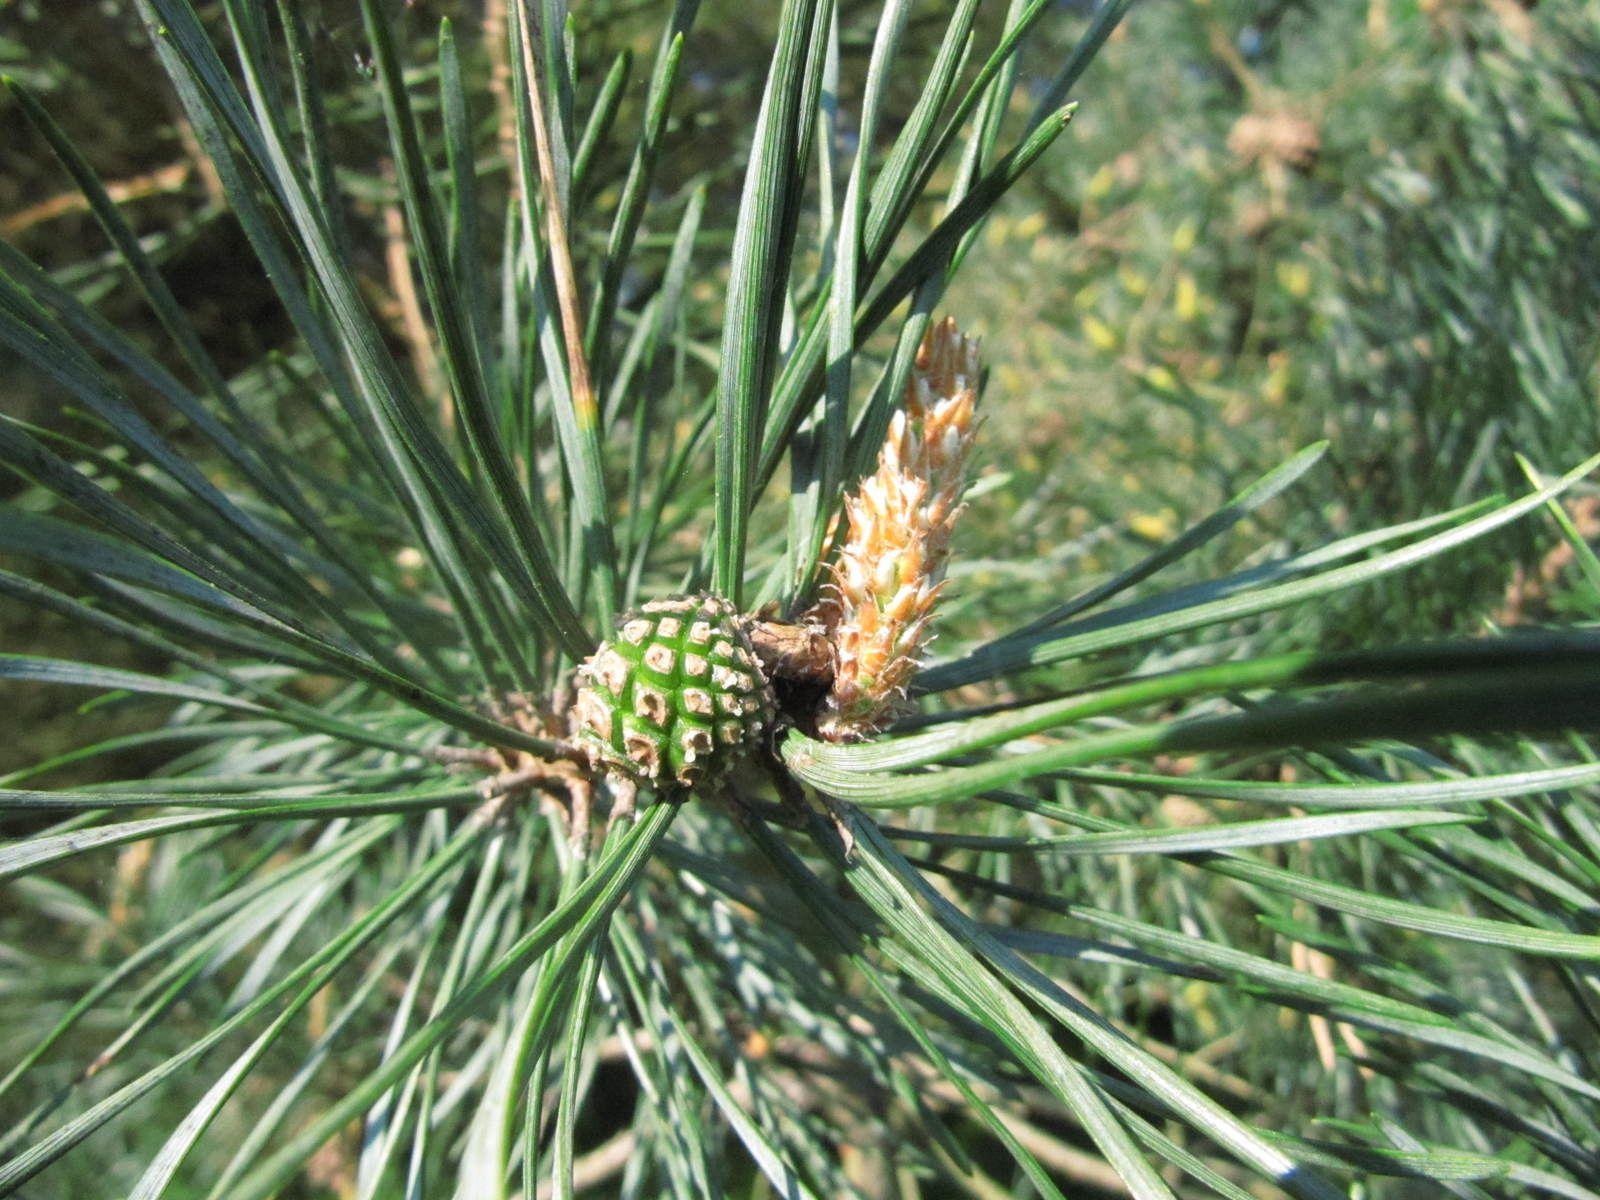 Inflorescence femelle. Dans un an, elle sera au même stade de développement que le petit cône au premier plan.